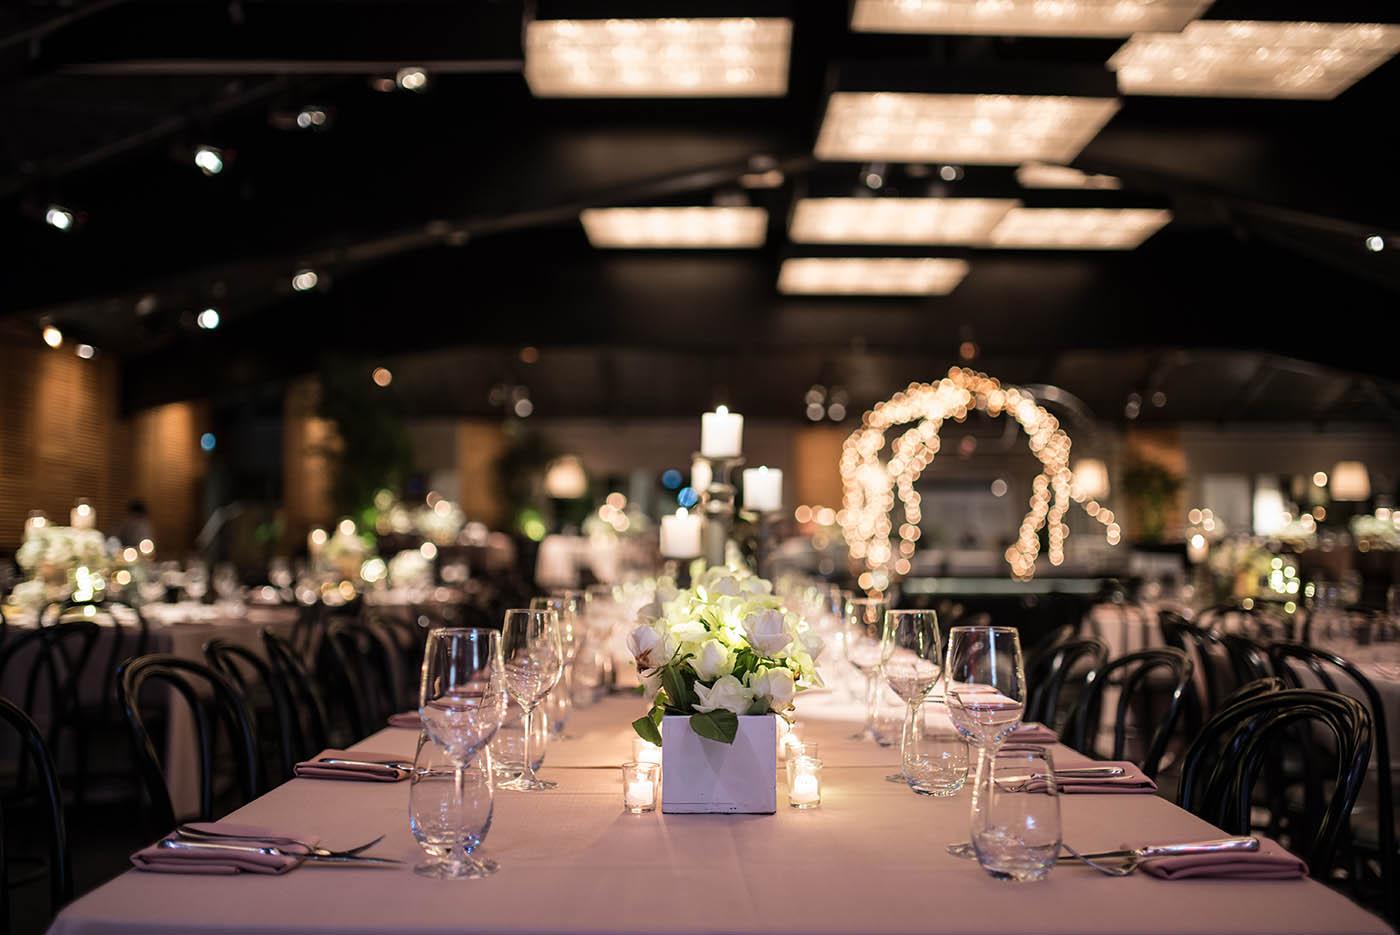 החתונה של תמר ואורי בחוות רונית